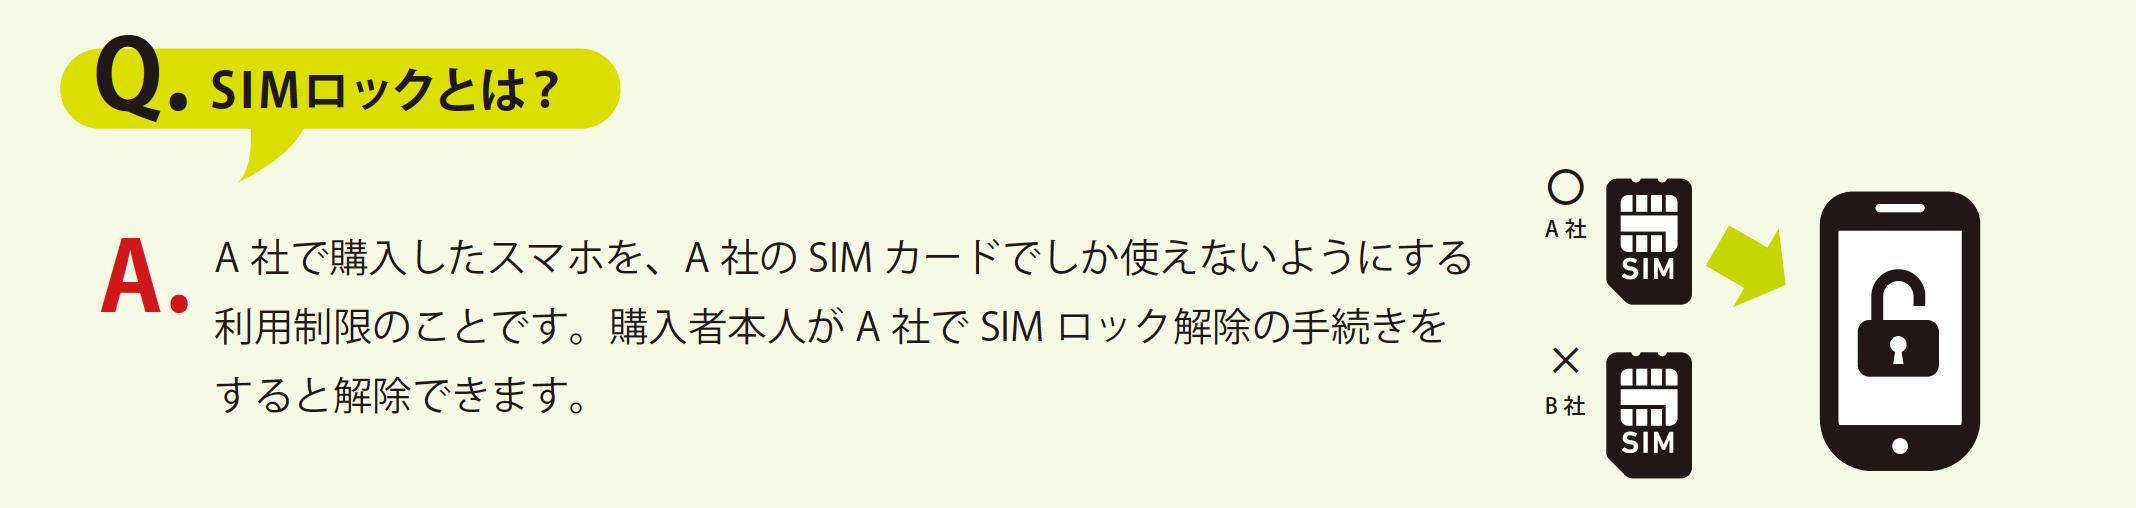 Q. SIMロックとは?A.A 社で購入したスマホを、A 社のSIM カードでしか使えないようにする 利用制限のことです。購入者本人がA 社でSIM ロック解除の手続きを すると解除できます。